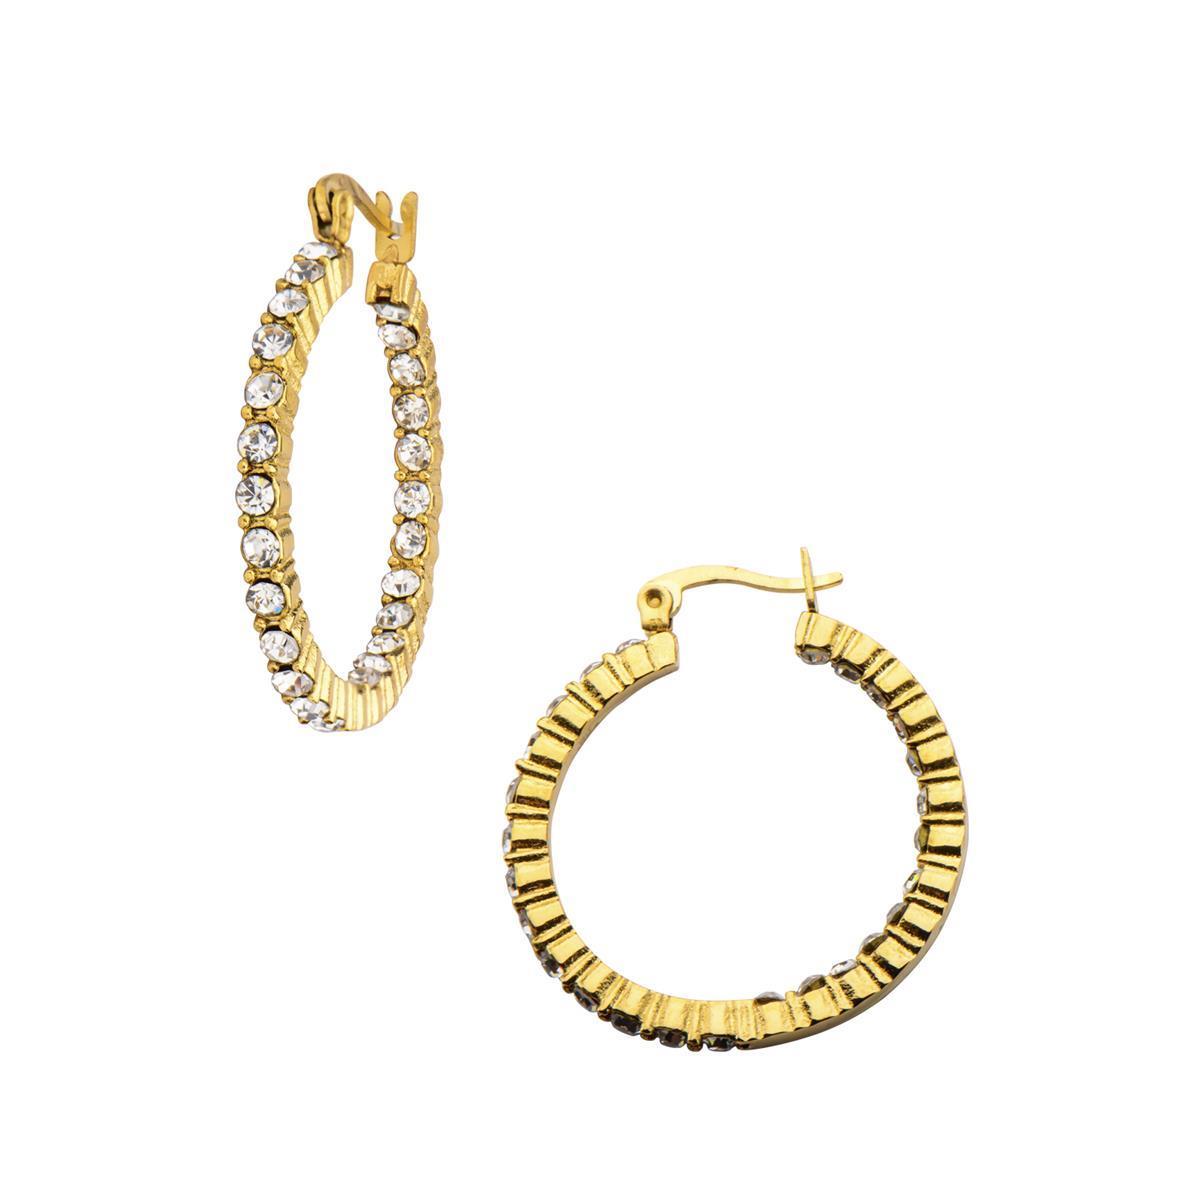 inox_stainlees_steel_crystal_yellow_gold_hoops